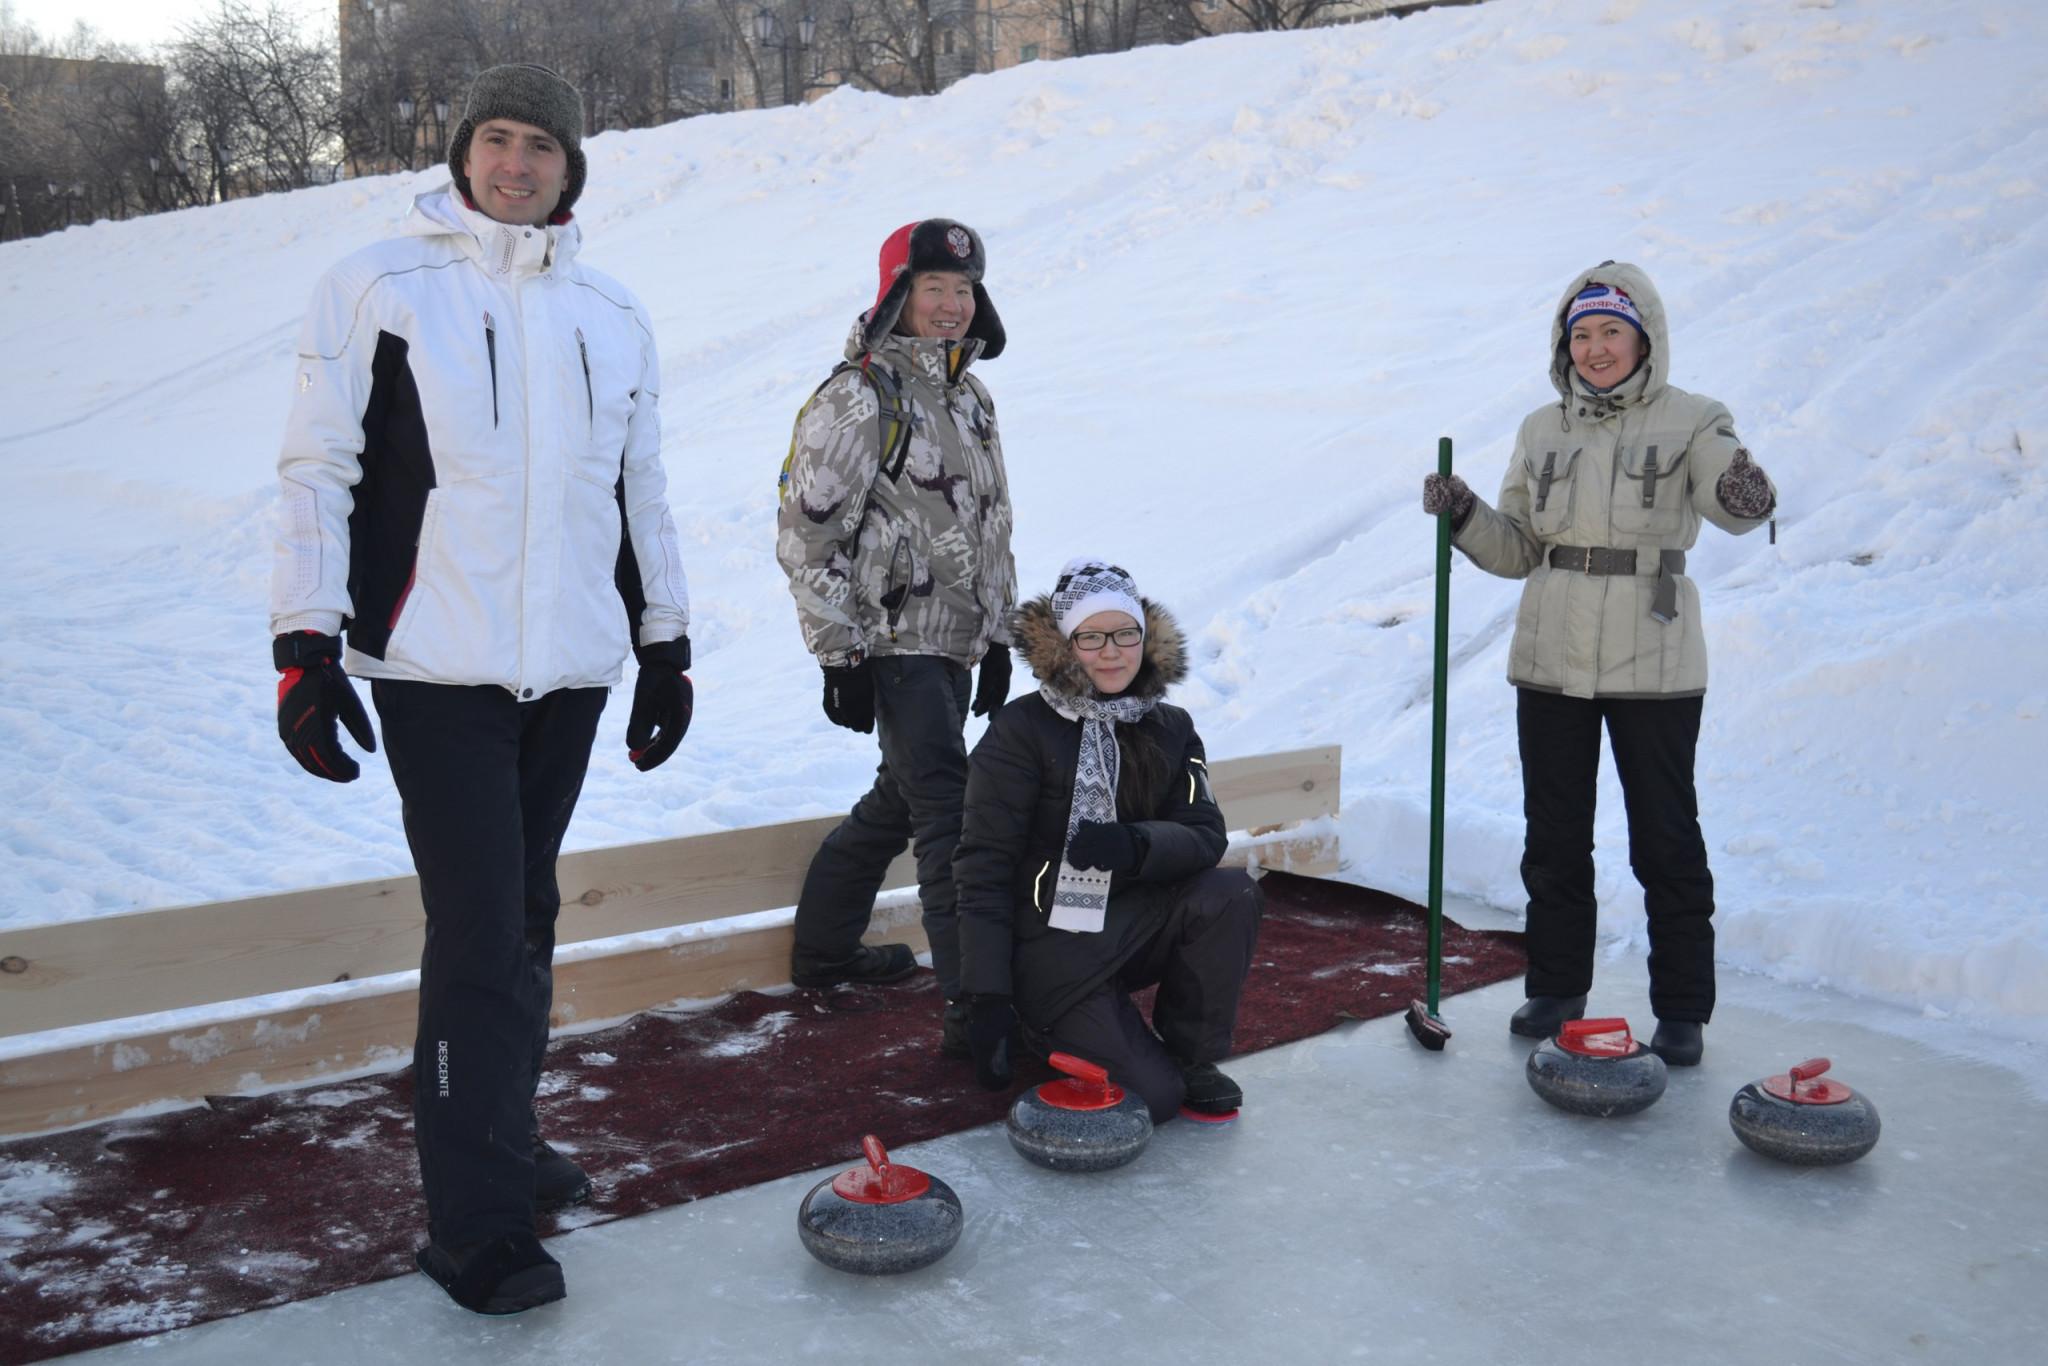 Curling competitions have been taking place across Krasnoyarsk ©Krasnoyarsk 2019